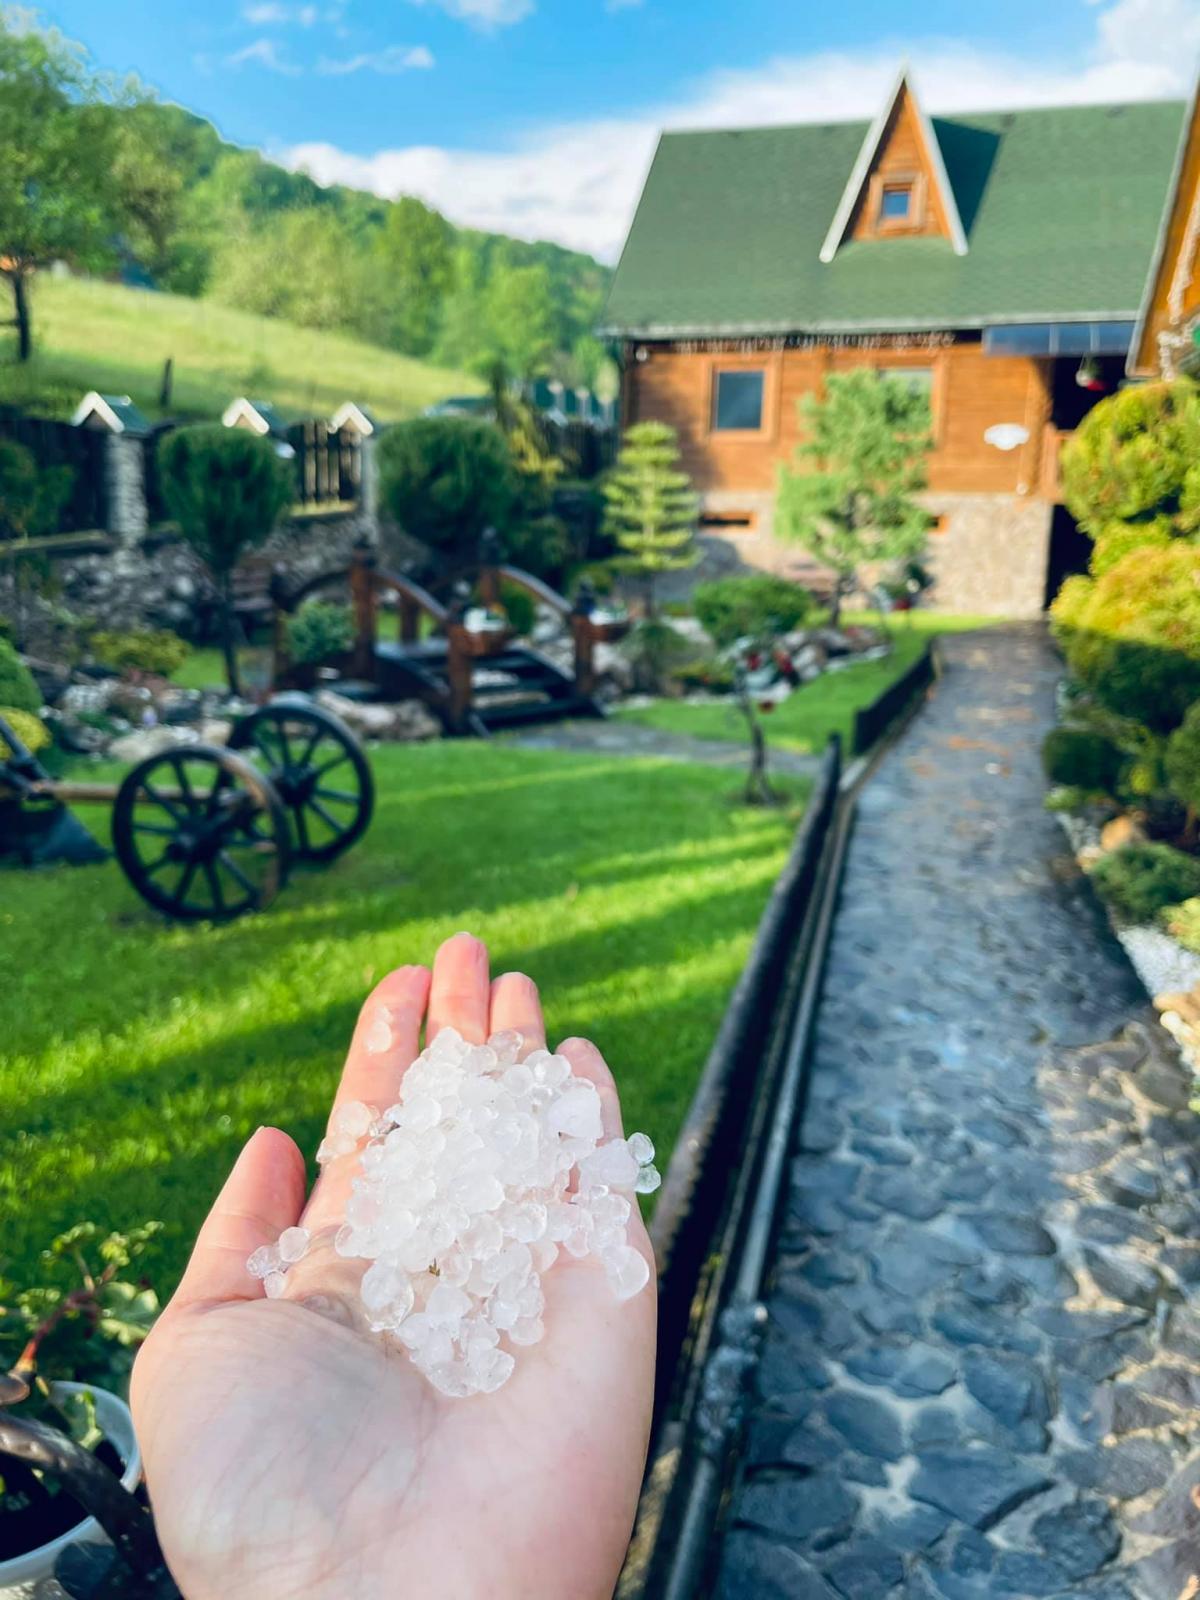 На Закарпатье всегда очень переменчивая погода / Фото горнолыжный комплекс Великий / facebook.com/velykiy.in.ua/